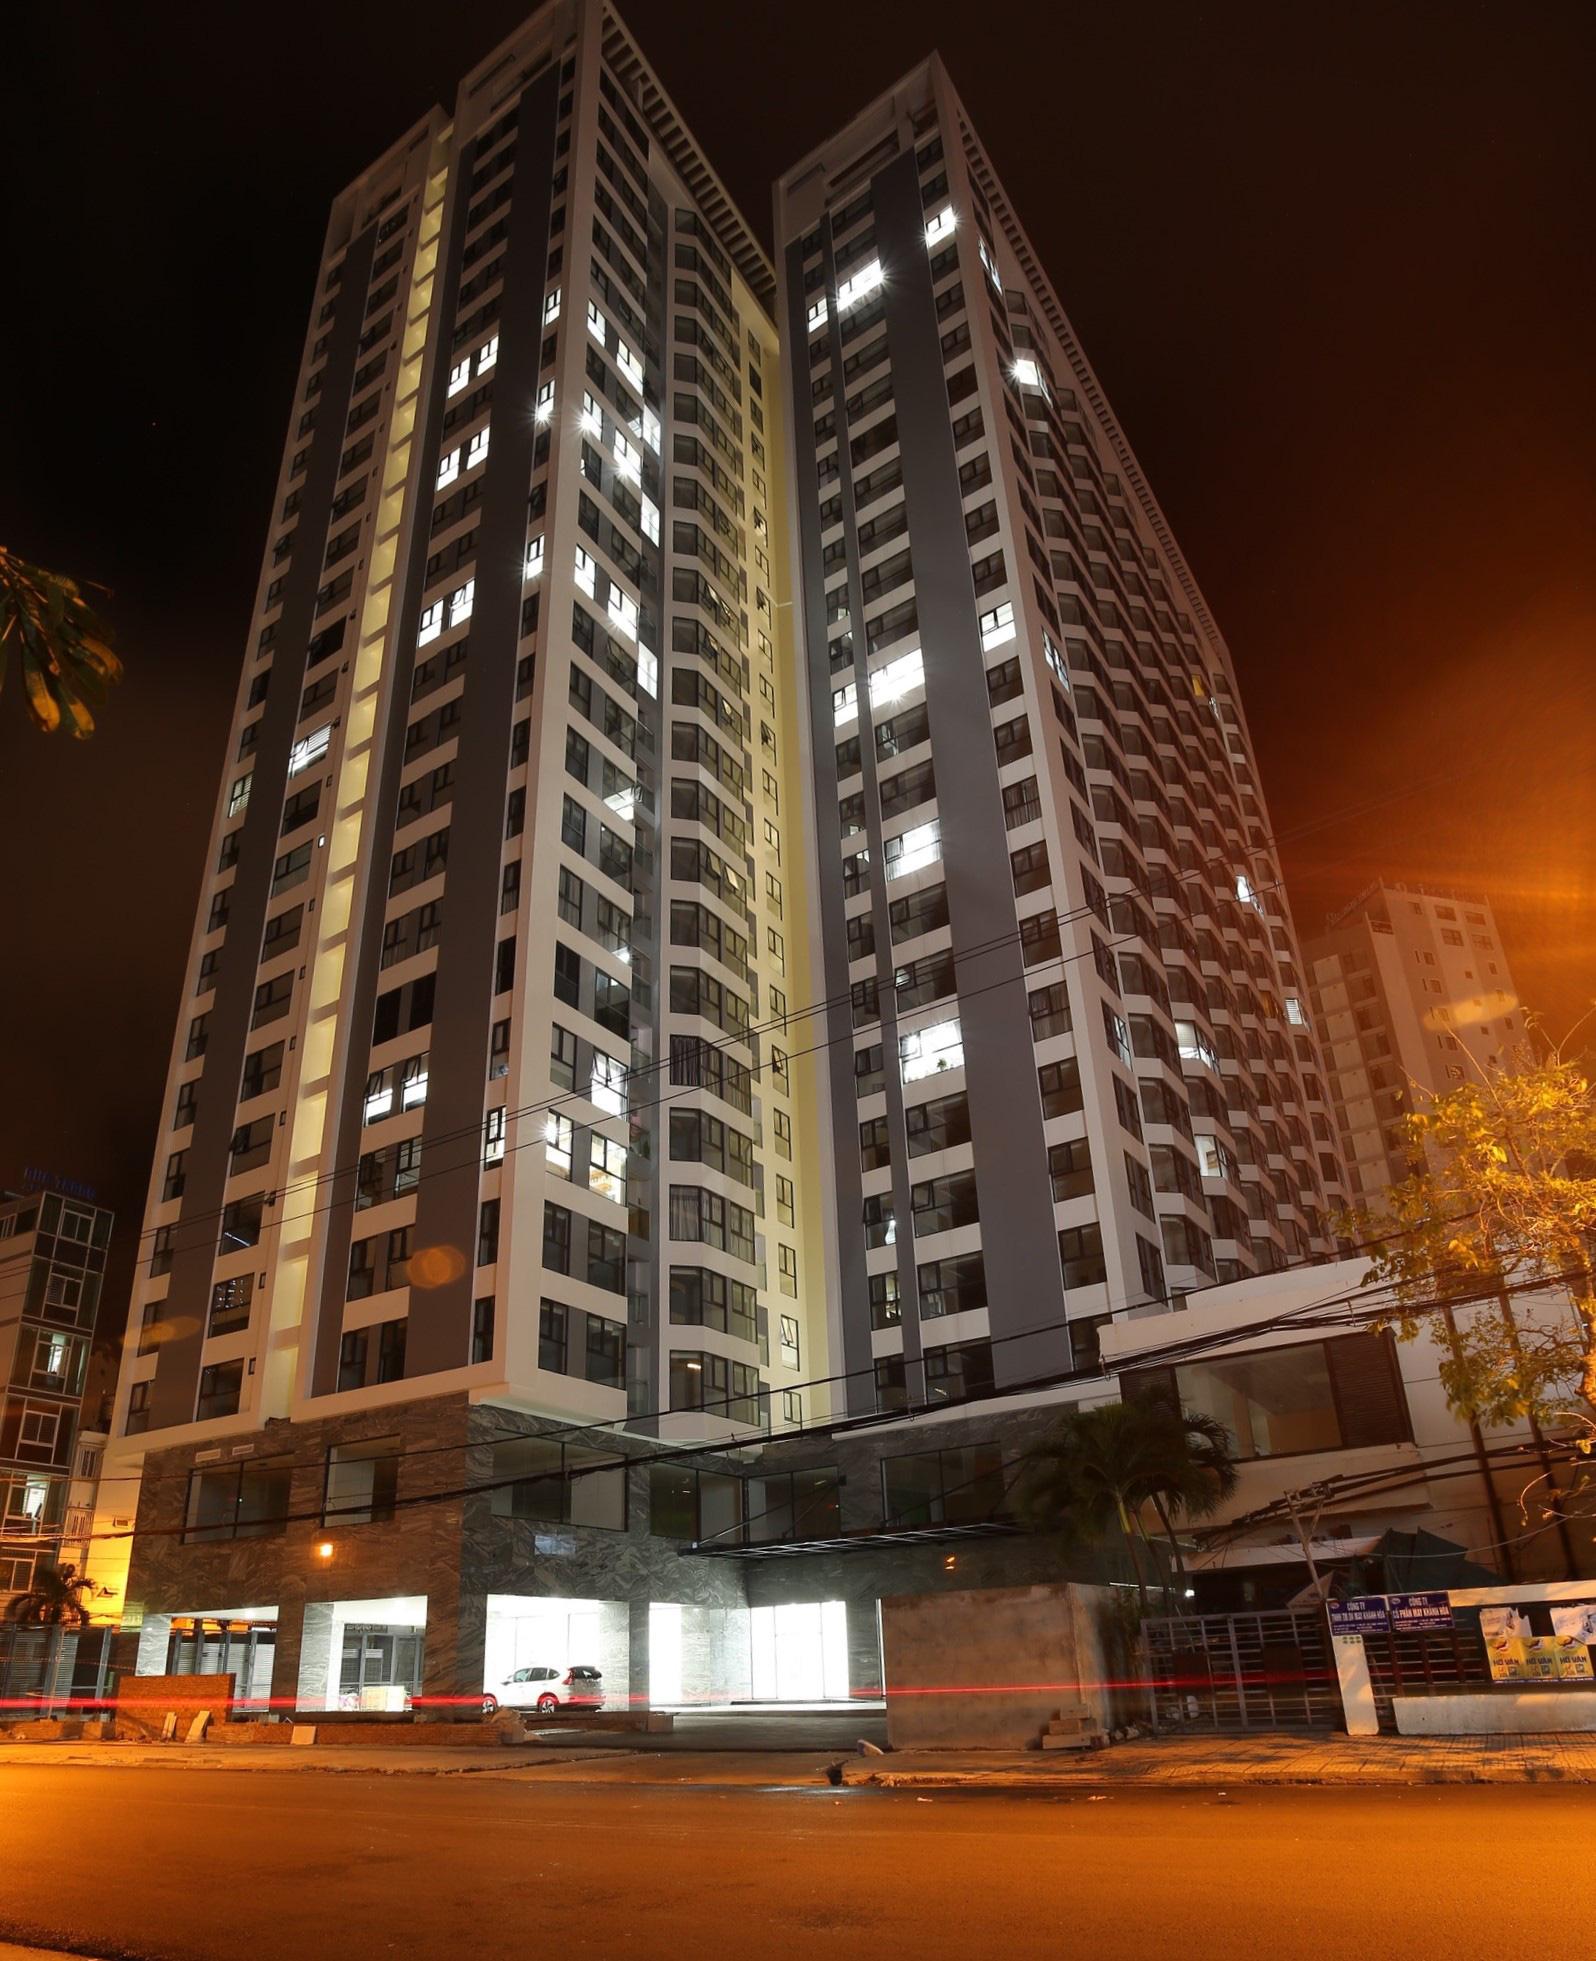 Khách hàng nhận bàn giao căn hộ Hud building Nha Trang, đón mùa xuân mới trên thành phố biển - Ảnh 2.